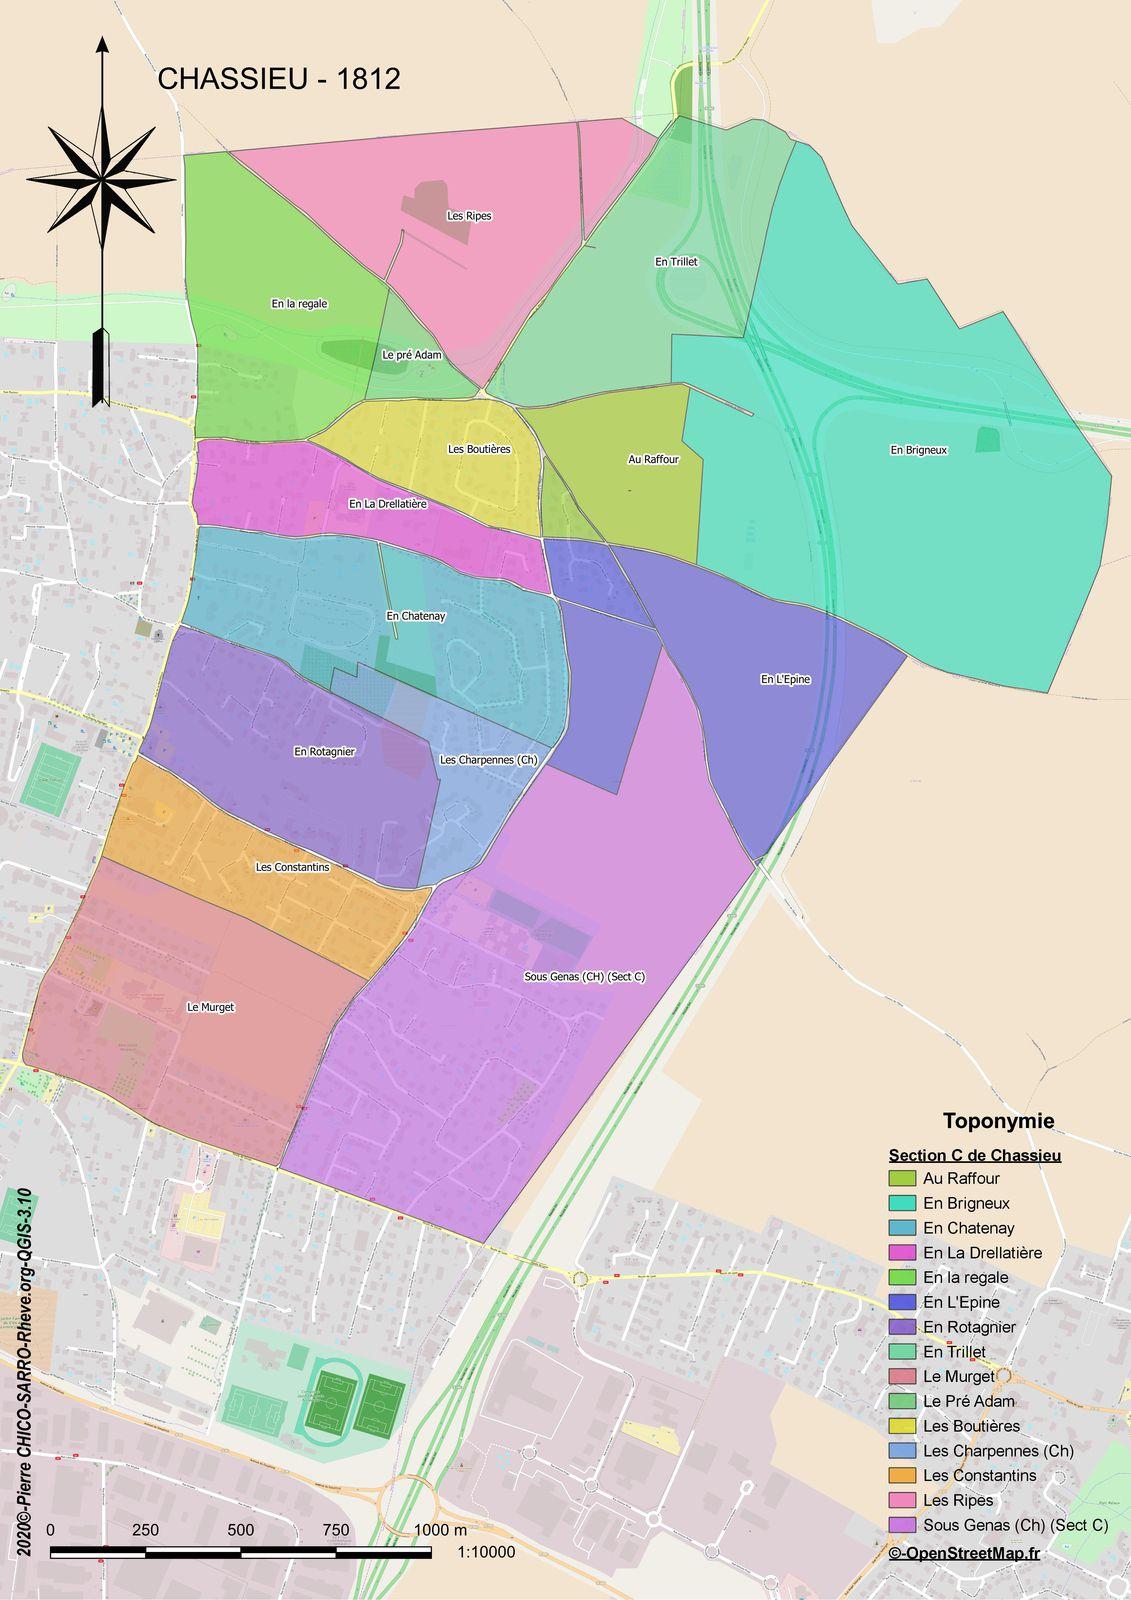 Distribution des toponymes de la section C de Chassieu (Nom indéterminé) à Chassieu en 1812